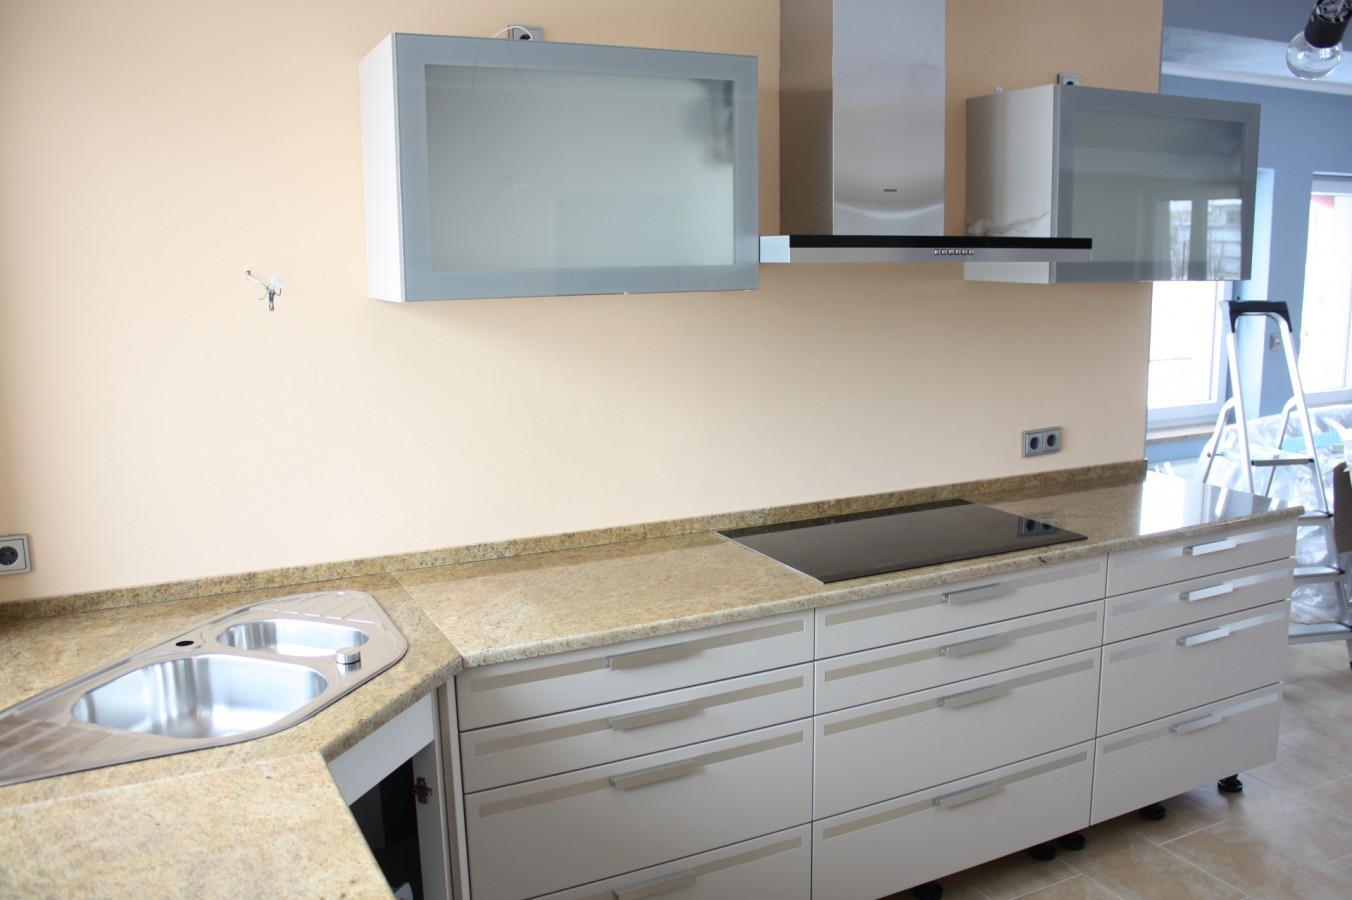 Jedinečný vzhled Vaší kuchyni dodají kuchyňské desky od Kamenosochařství Benešovský Antonín, okres Znojmo